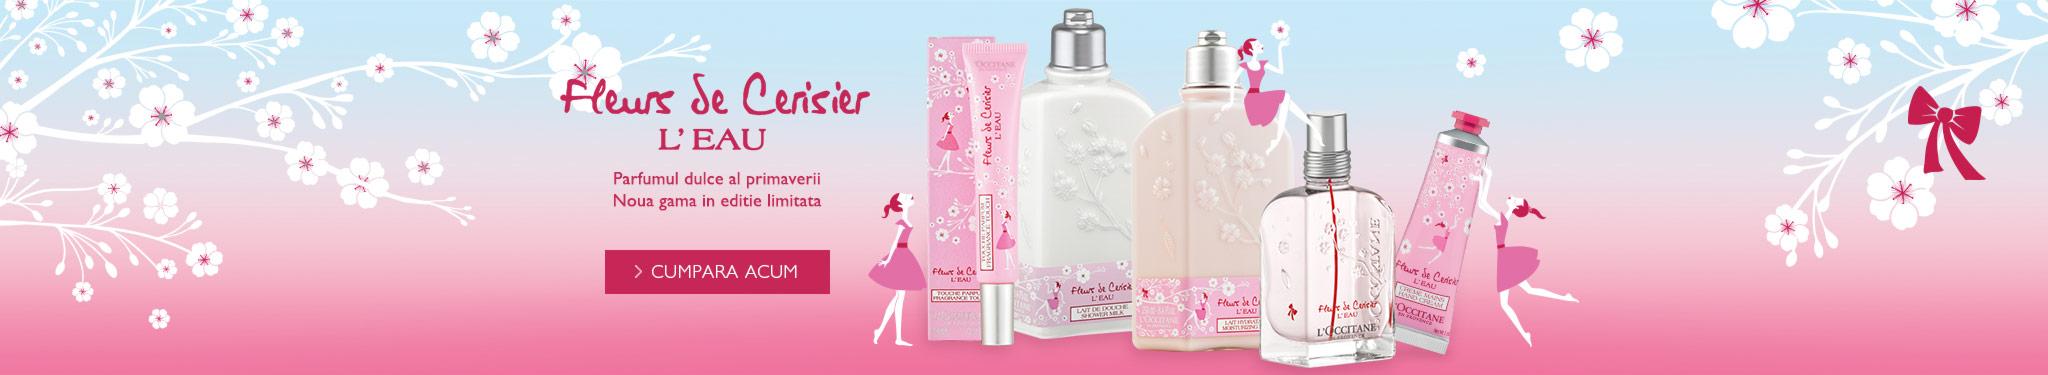 Gama Noua Cherry Blossom L'Eau